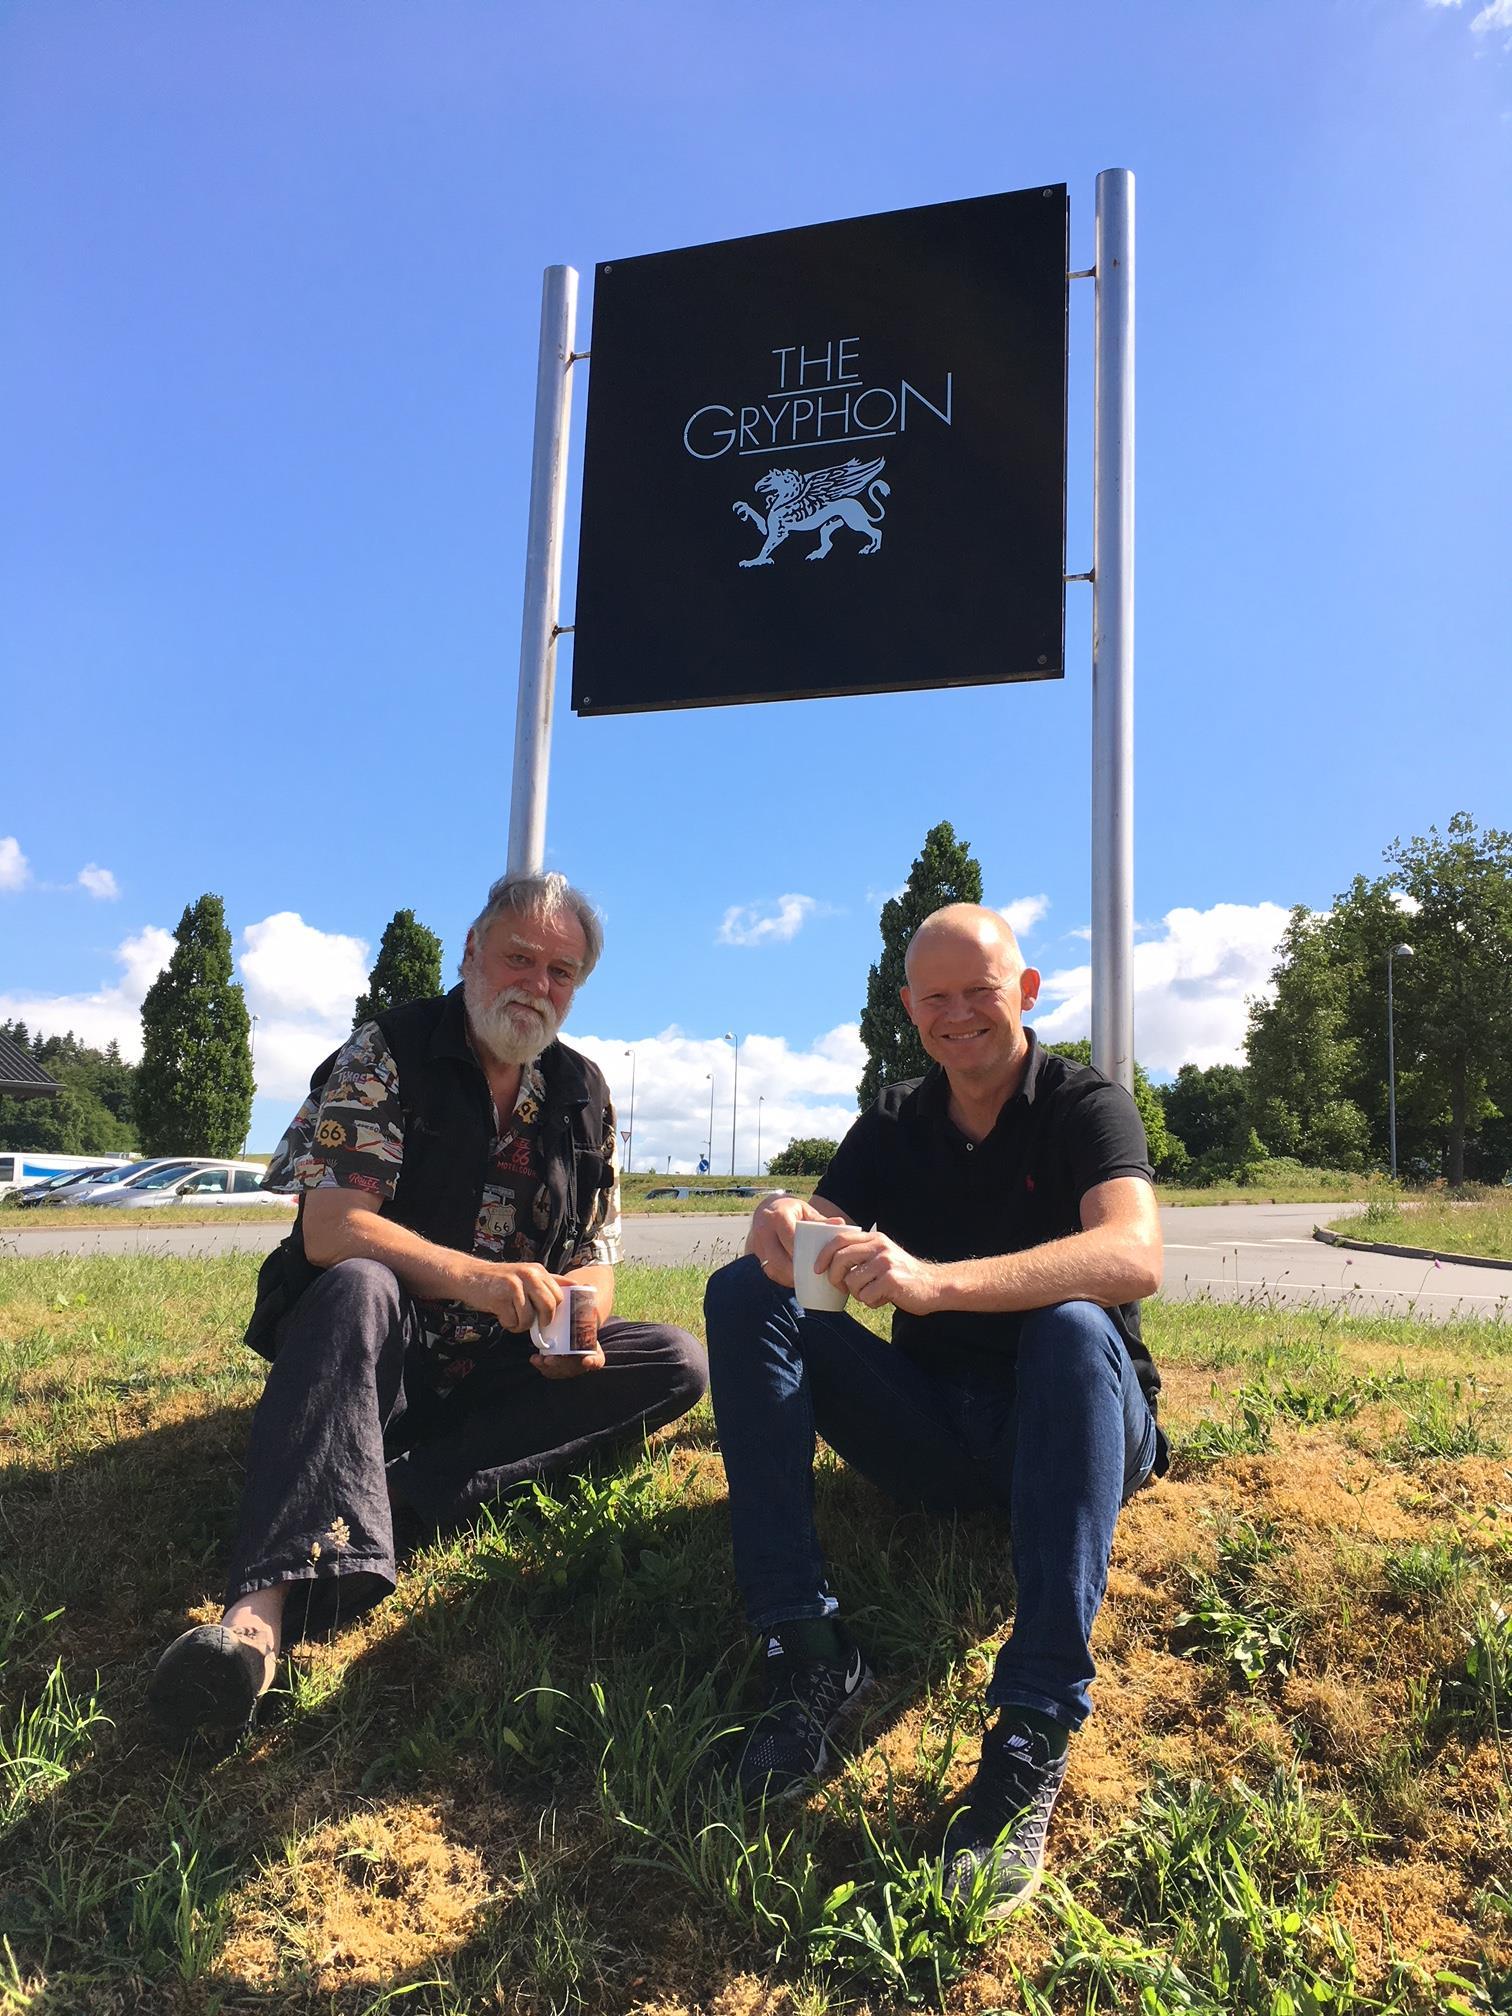 Il fondatore Gryphon, Flemming E. Rasmussen, e l'attuale CEO, Jakob Odgaard